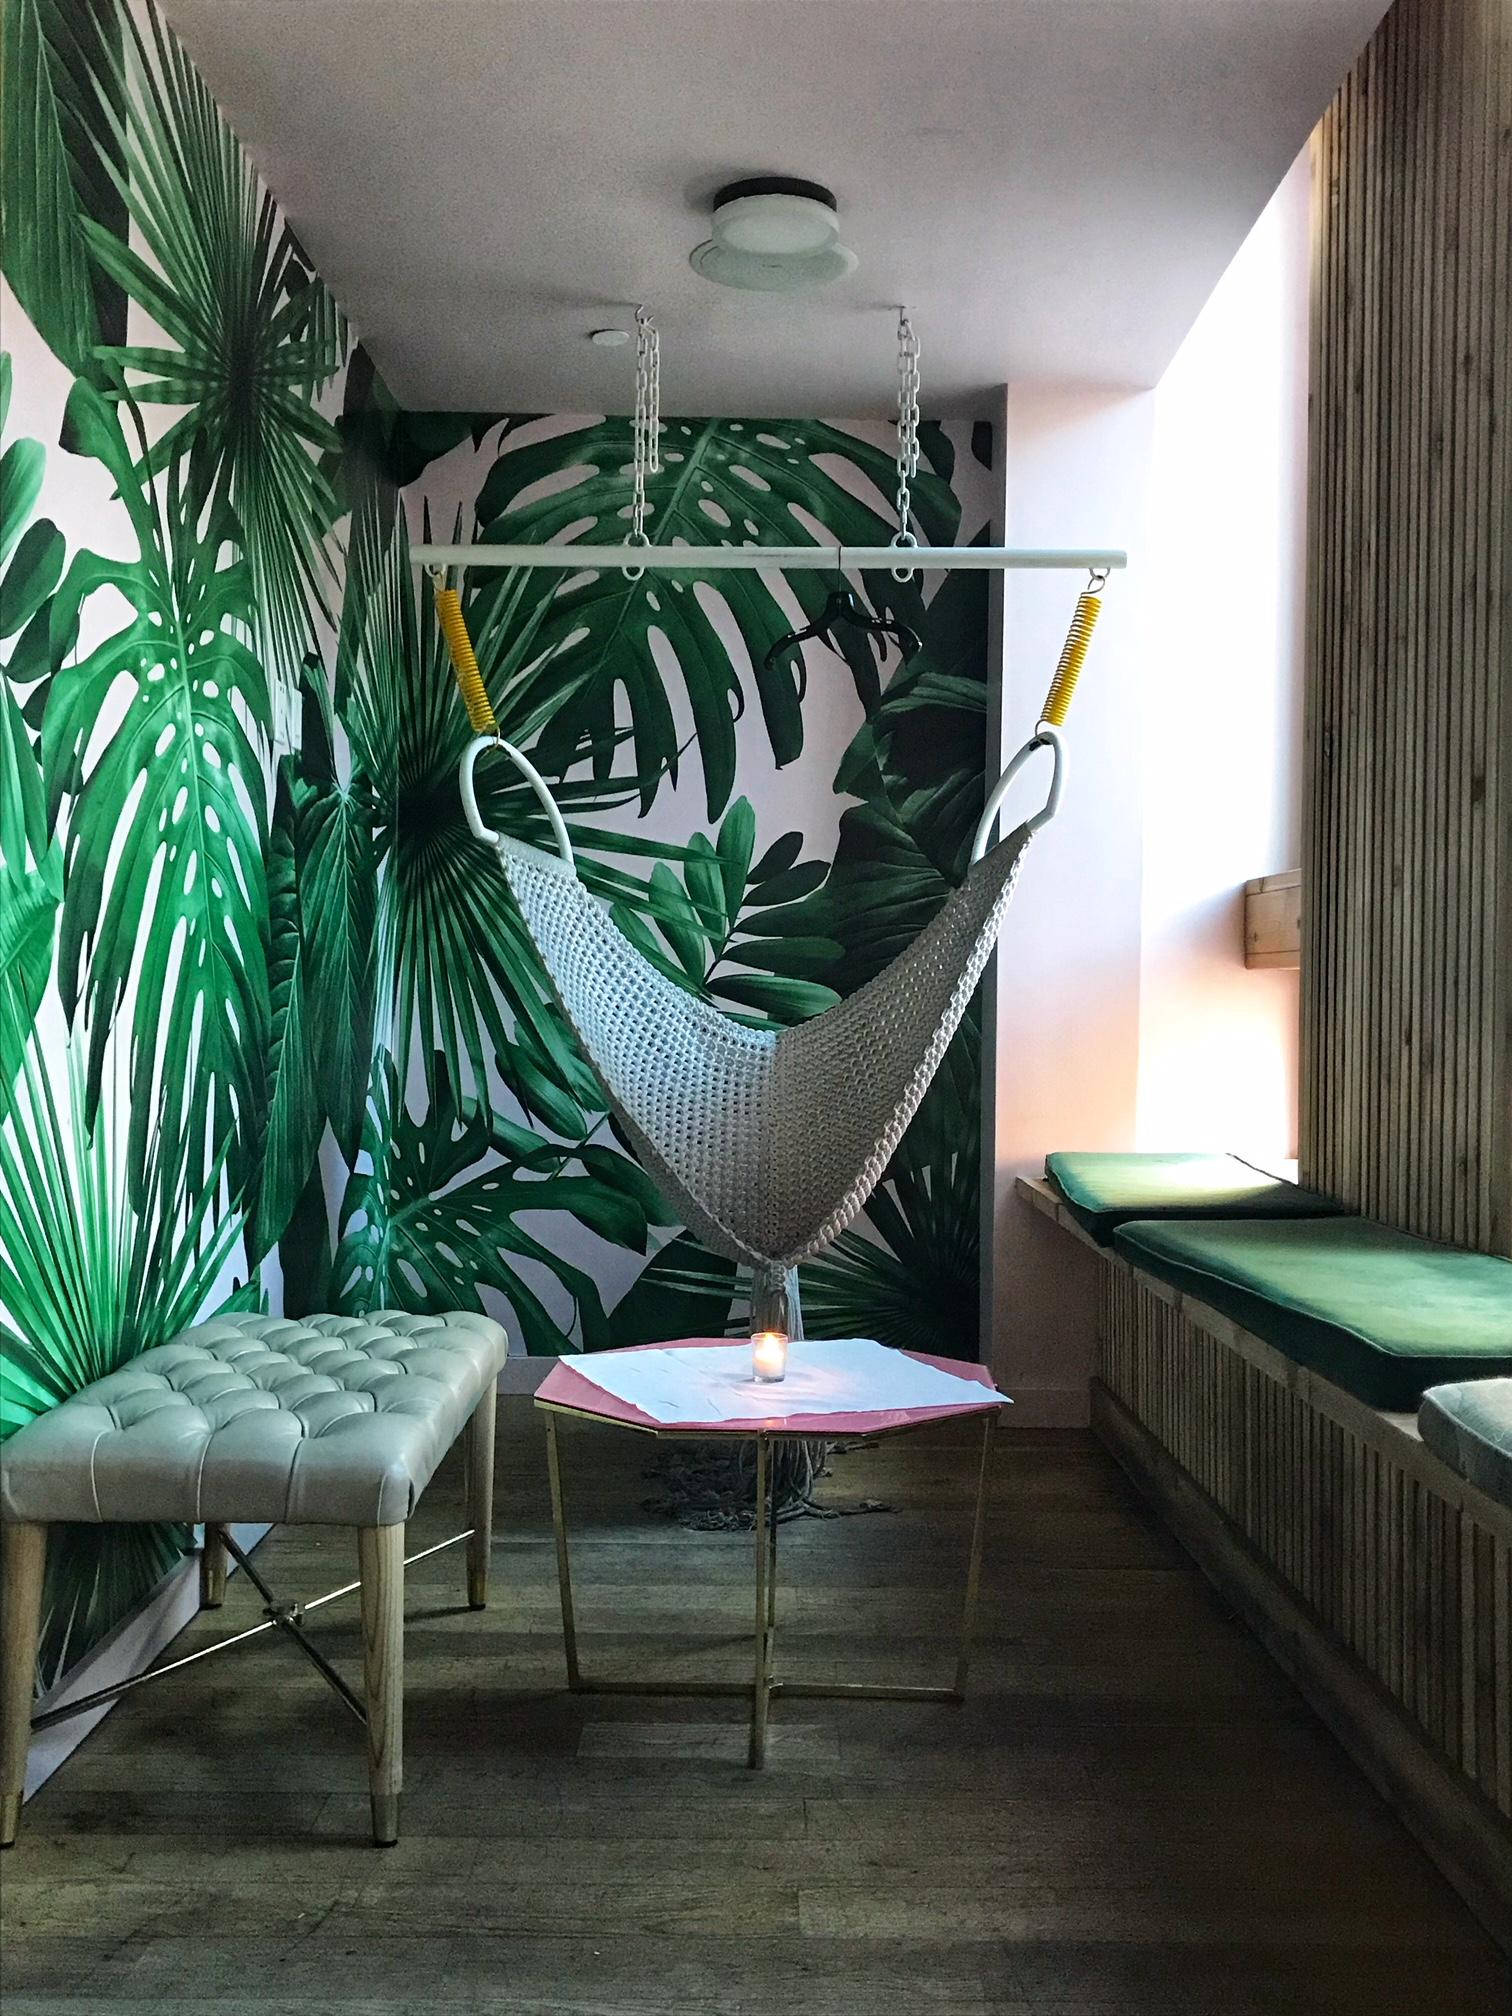 VNYL Swing - Champagne Room